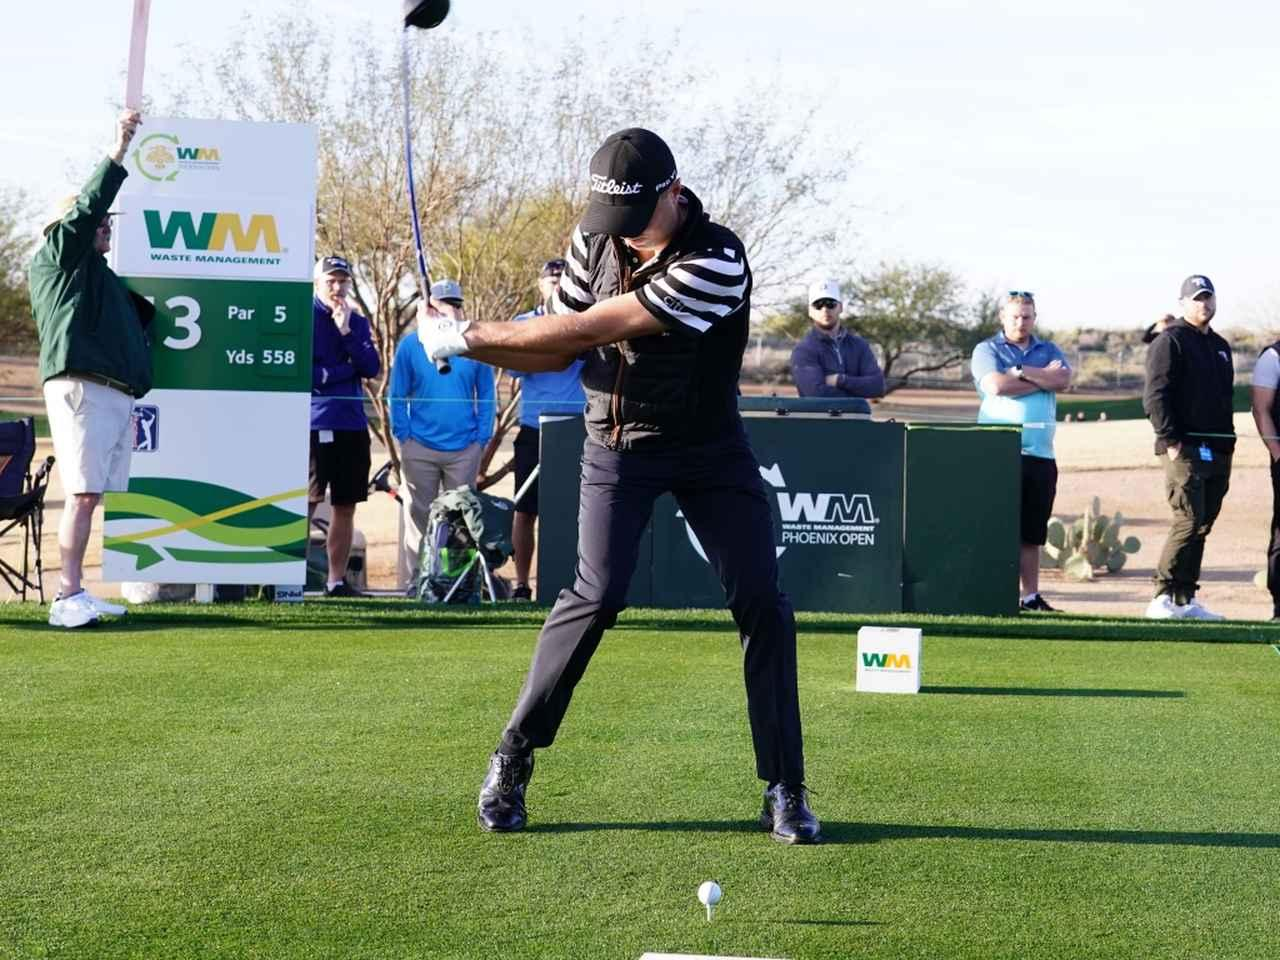 画像19: 【ギア研究】PGAツアートップ選手のレプリカドライバーを組んで打った。「運命のシャフトとヘッド」見つけ方